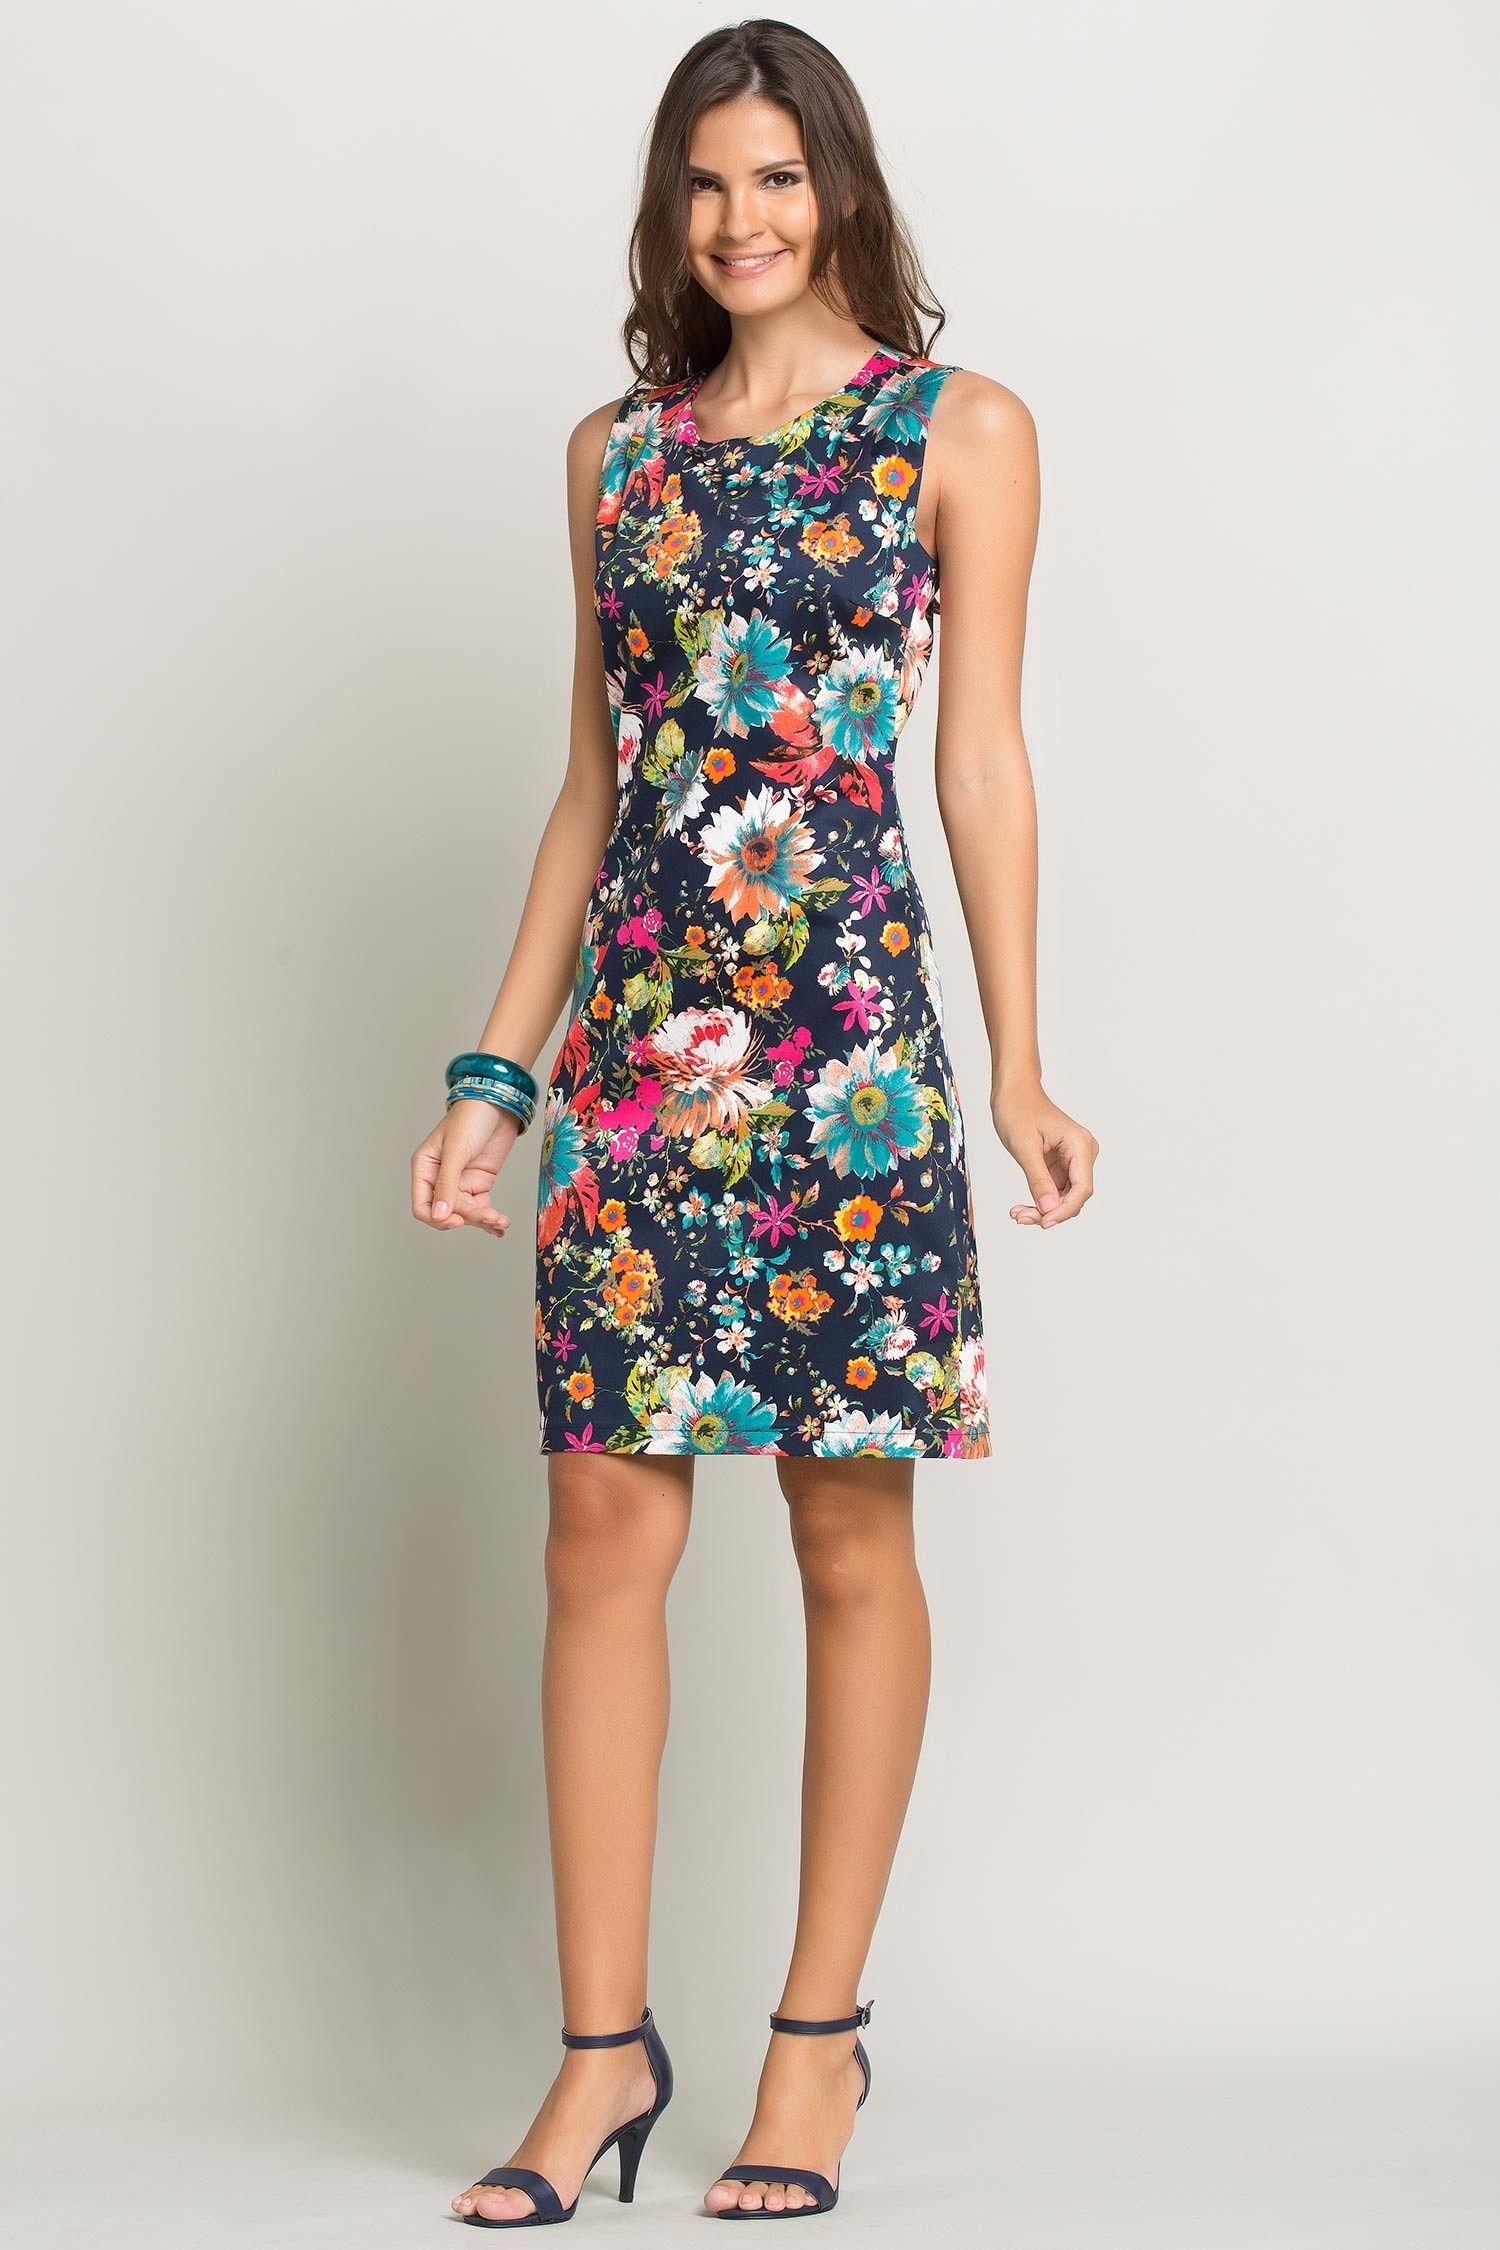 4a38c09890484 Çiçek Desenli Elbise bayramda tatile gideceğim orda giymek istiyorum çok  tatlı :)